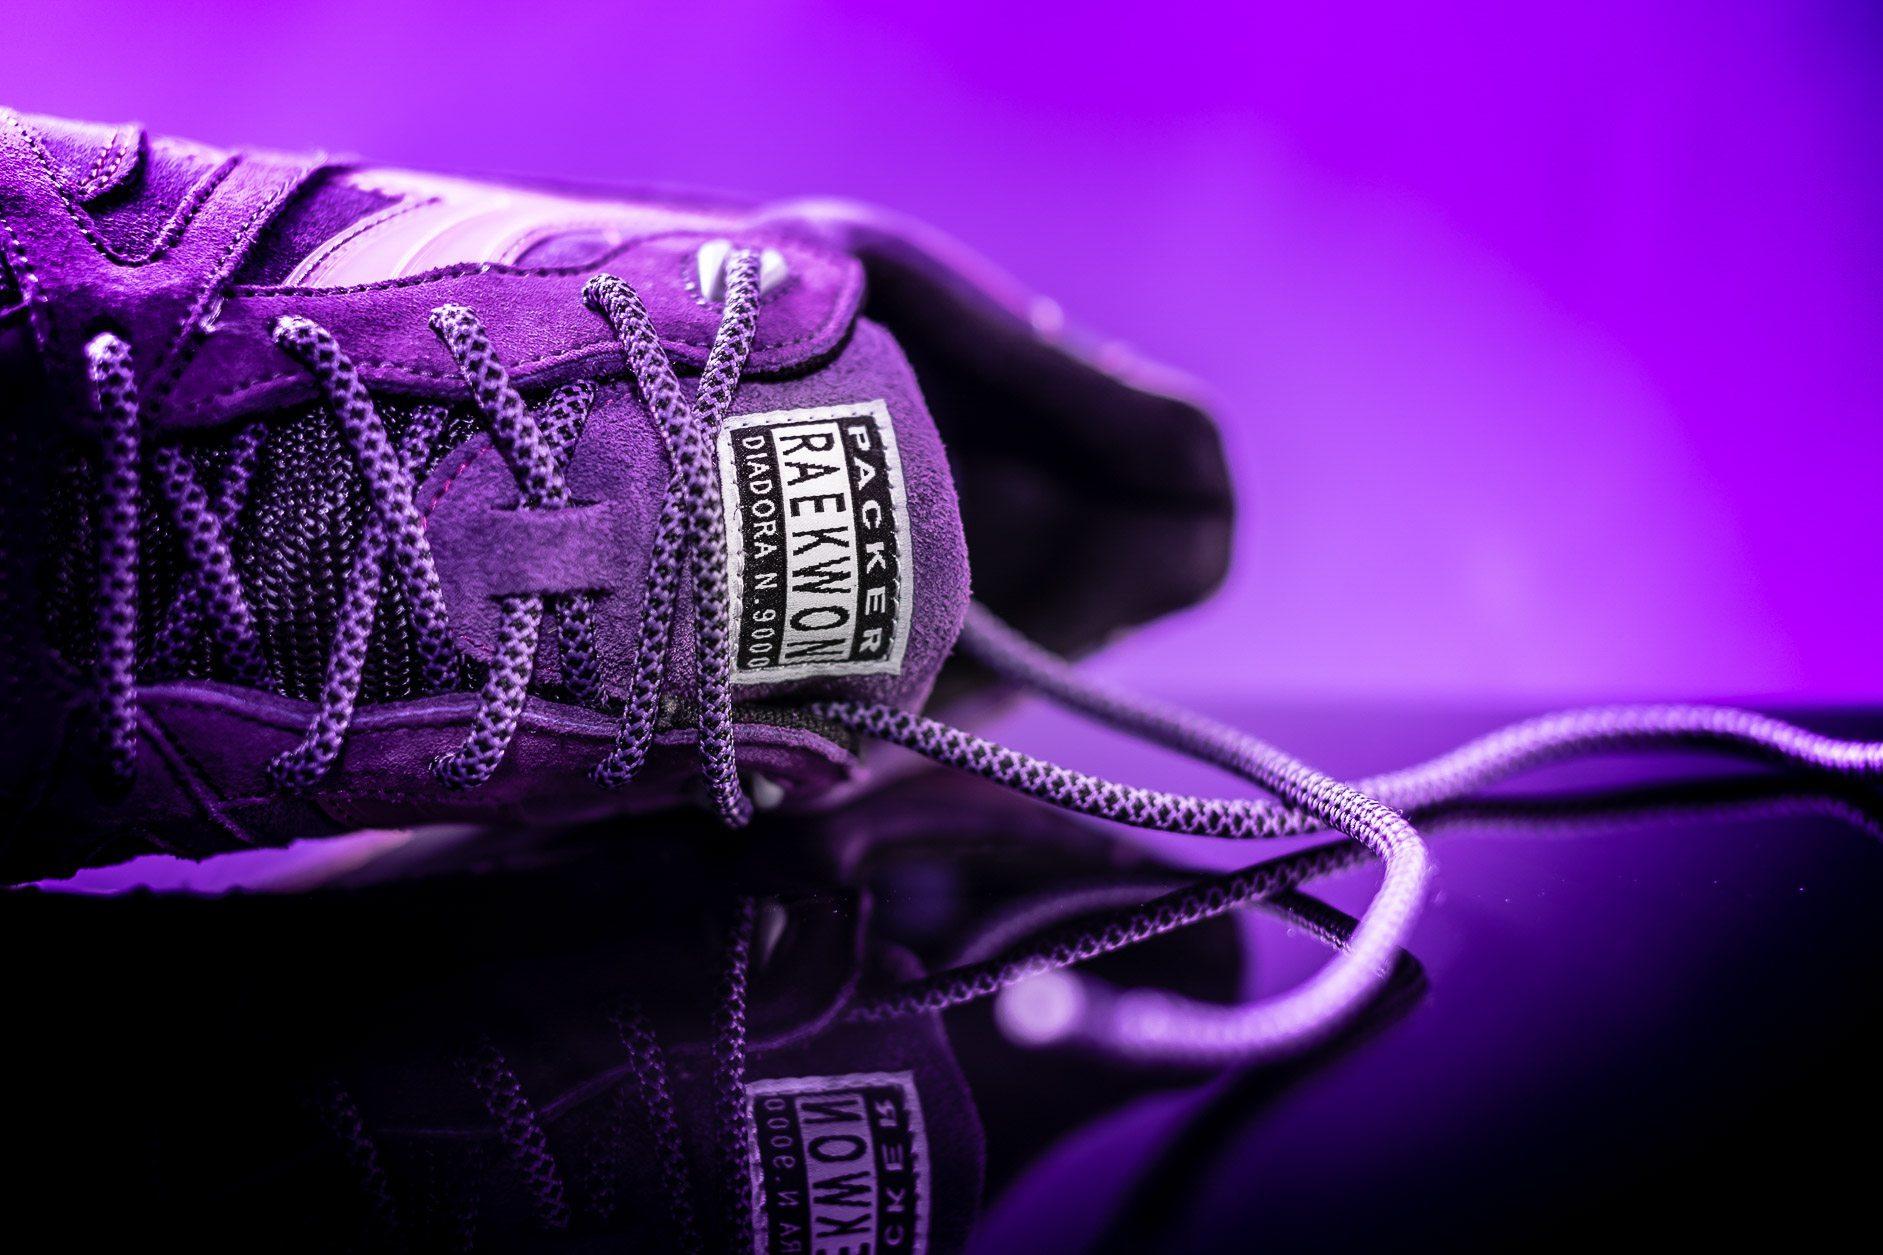 Packer Shoes x Raekwon x Diadora N9000 Purple Tape 9